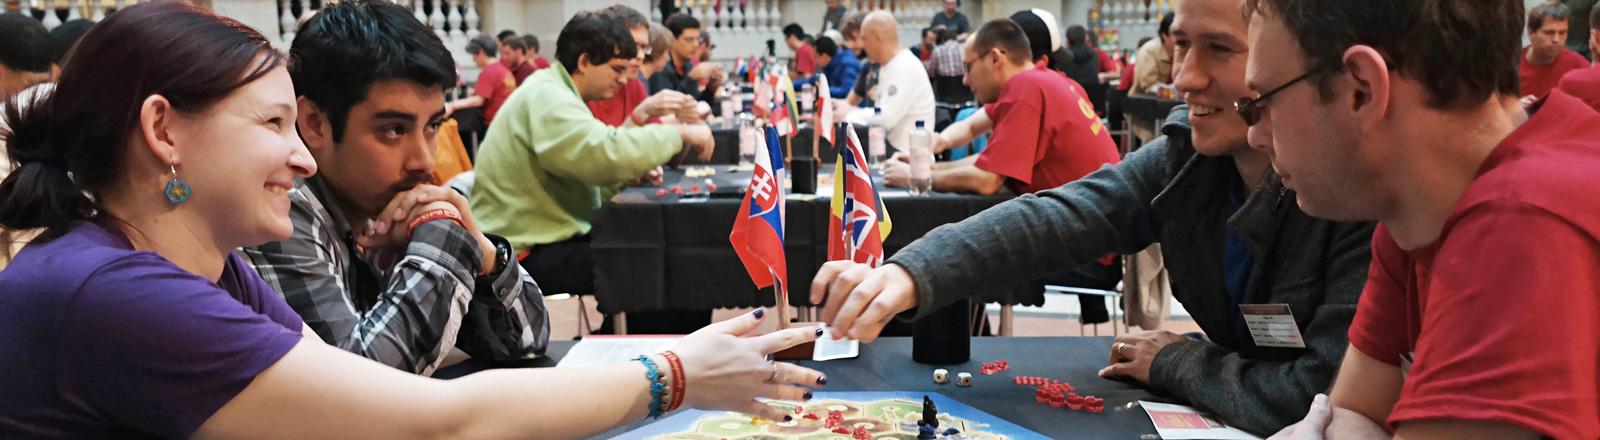 An einem Tisch sitzen drei junge Männer und eine junge Frau. Auf dem Tisch ein Brettspiel. Die Frau und einer der Männer reichen sich eine Spielkarte über den Tisch; Bild: dpa | Jörg Carstensen